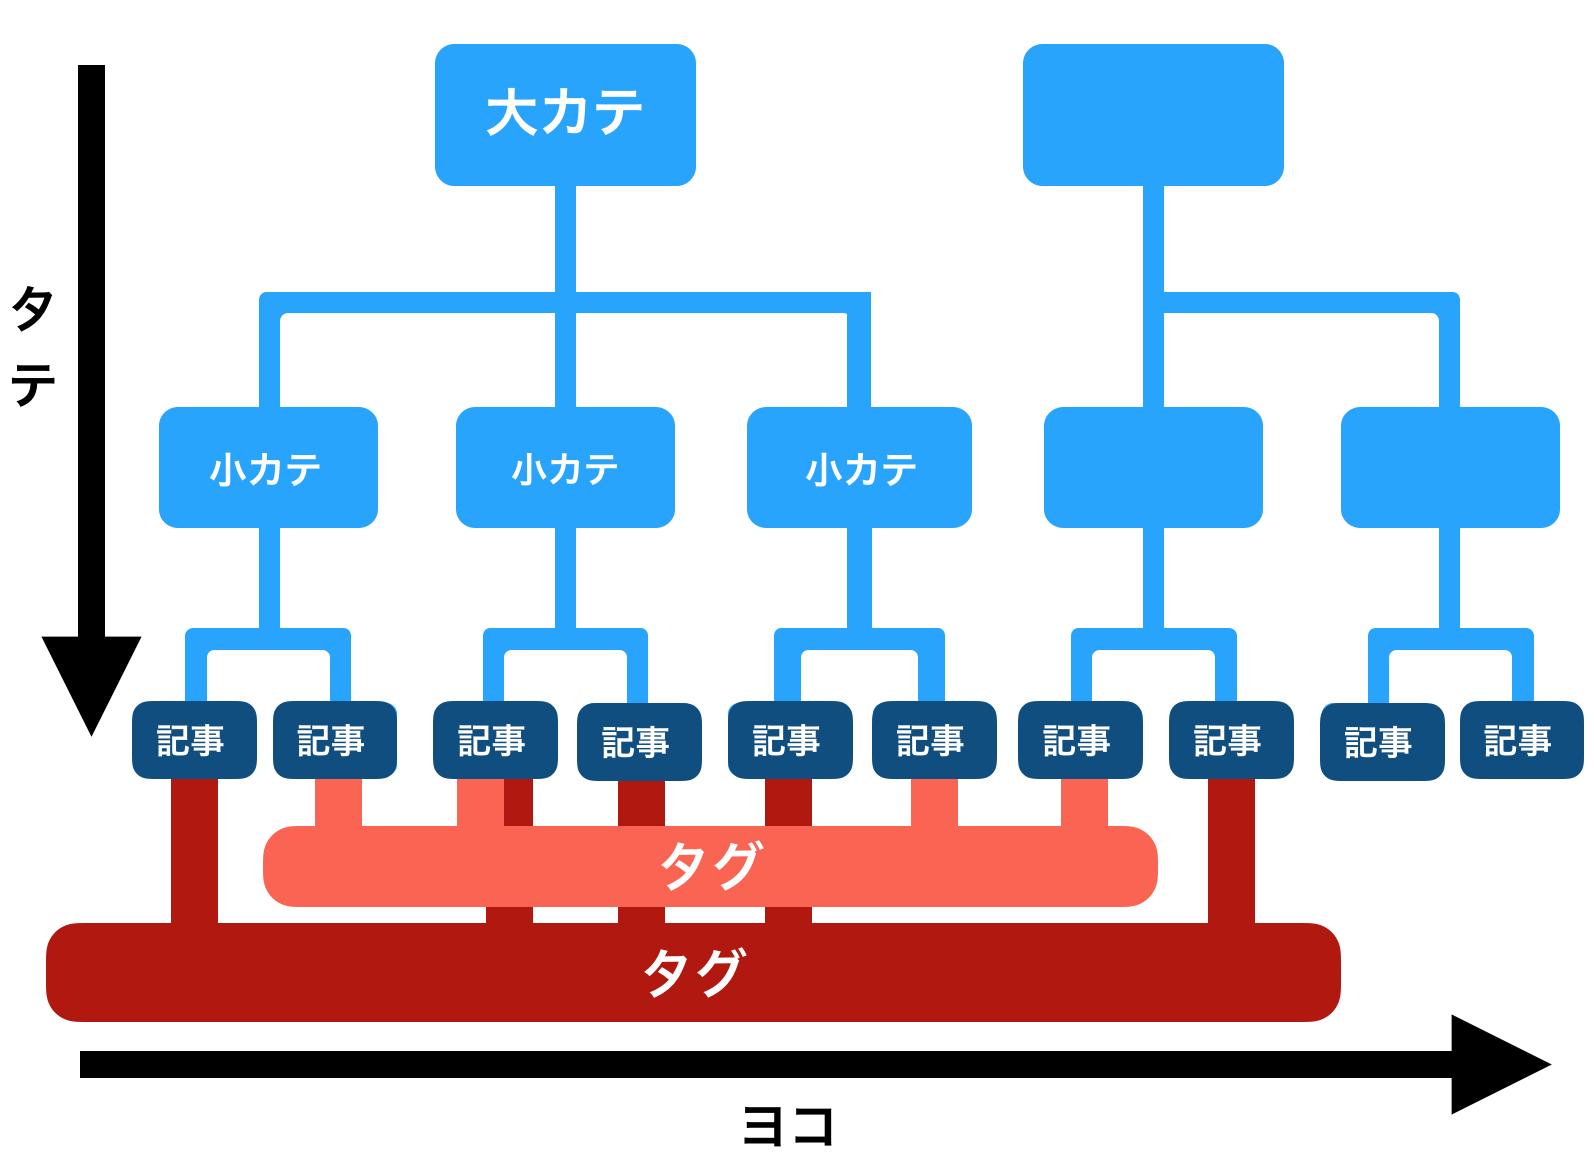 カテゴリーとタグの違いを表す図